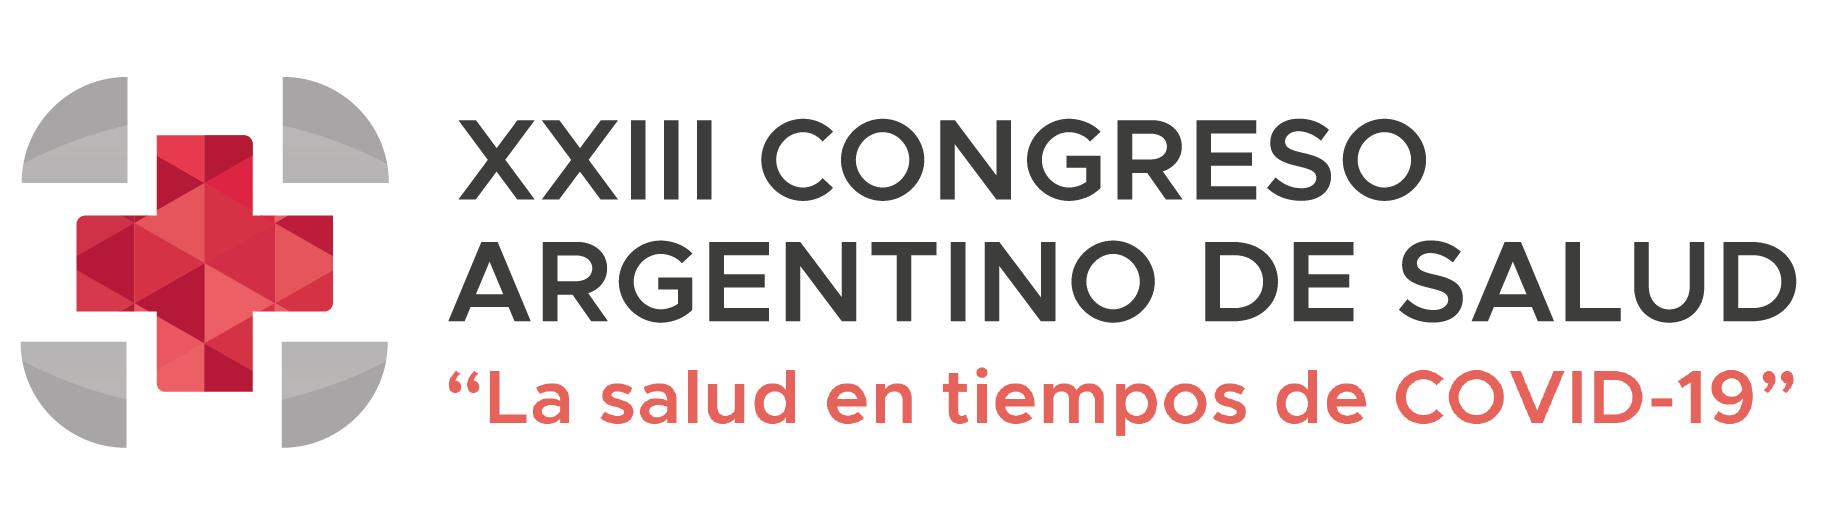 Congreso Argentino de Salud